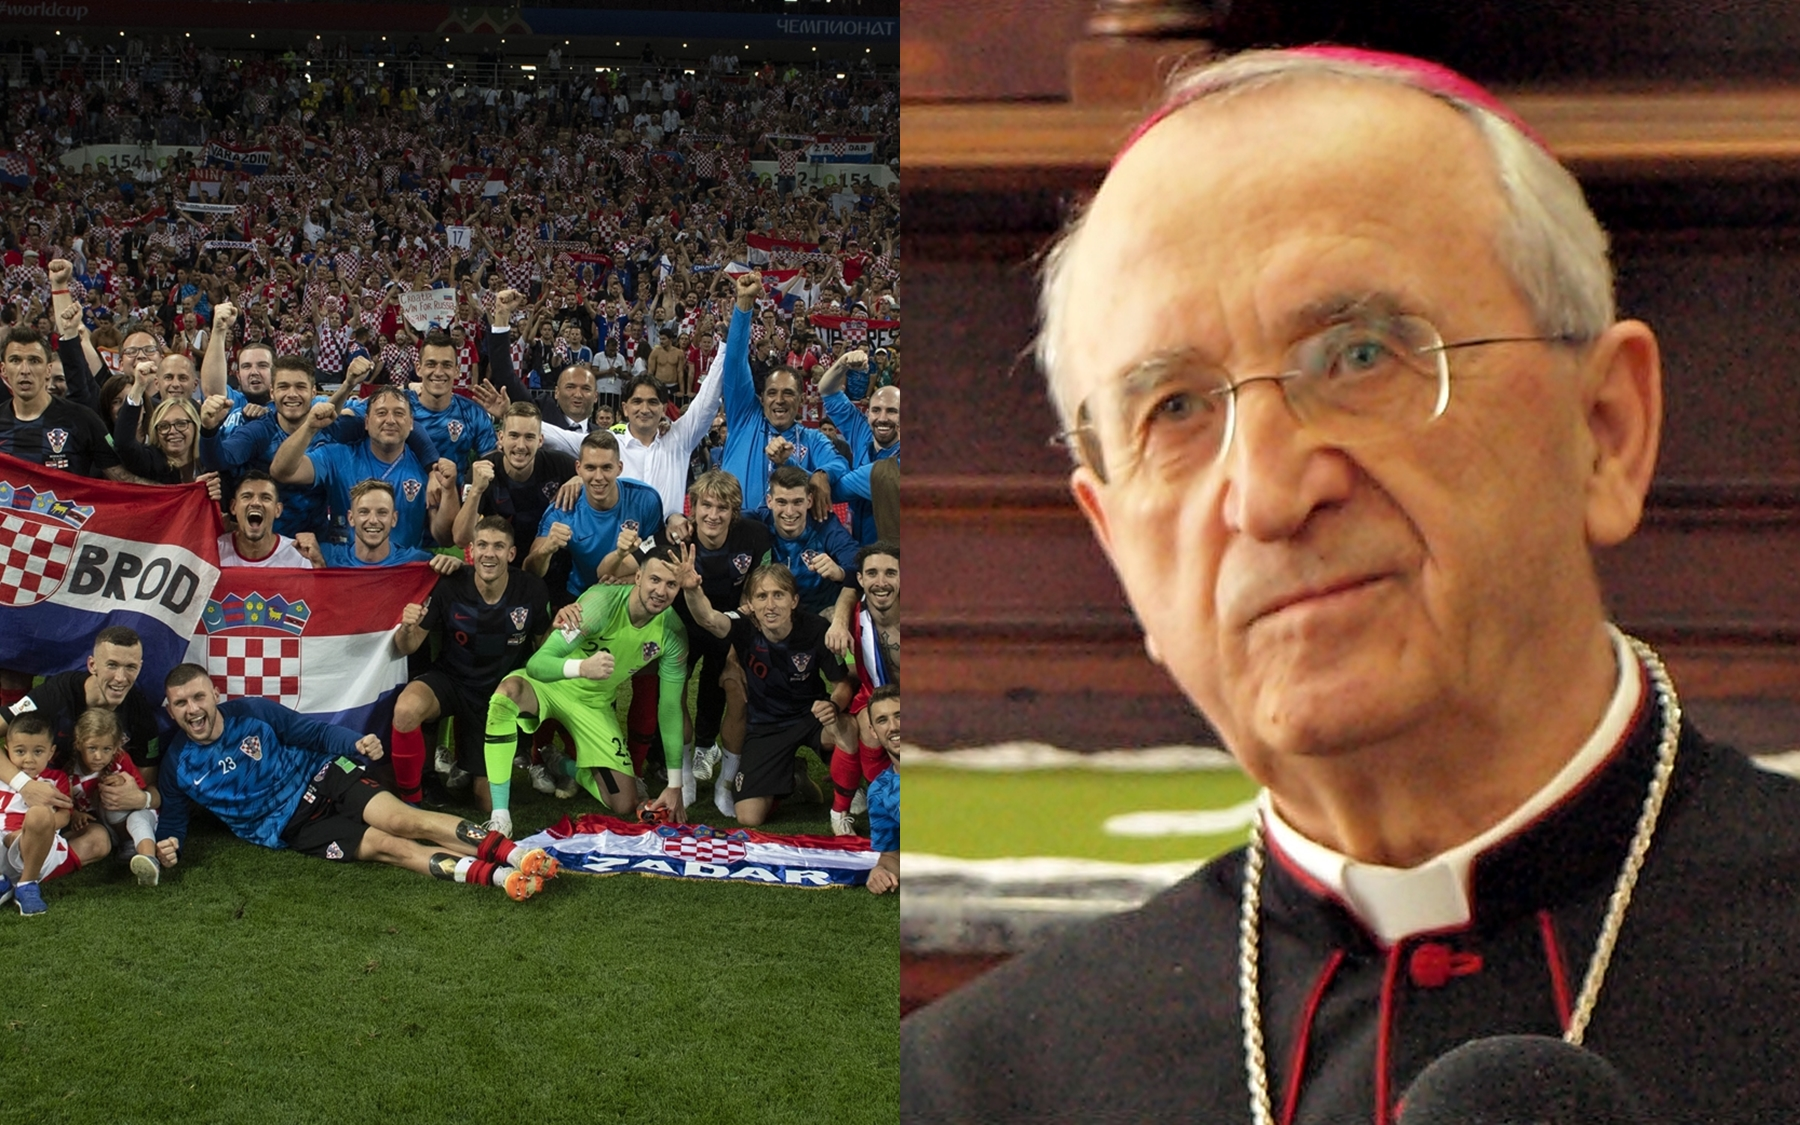 Čestitka predsjednika HBK nadbiskupa Puljića izborniku i nogometašima Hrvatske nogometne reprezentacije